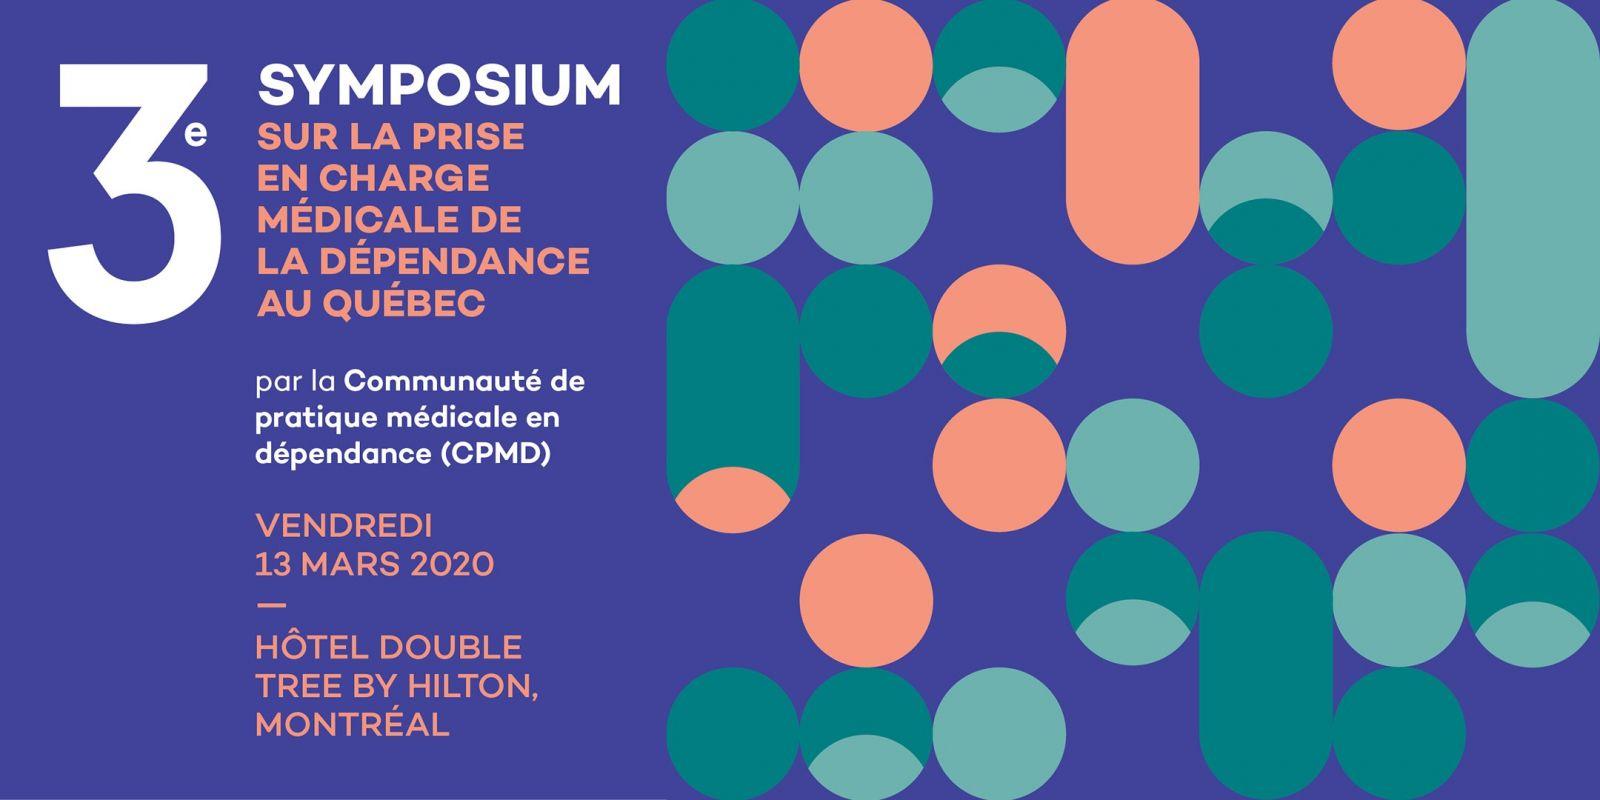 Symposium CPMD 2020